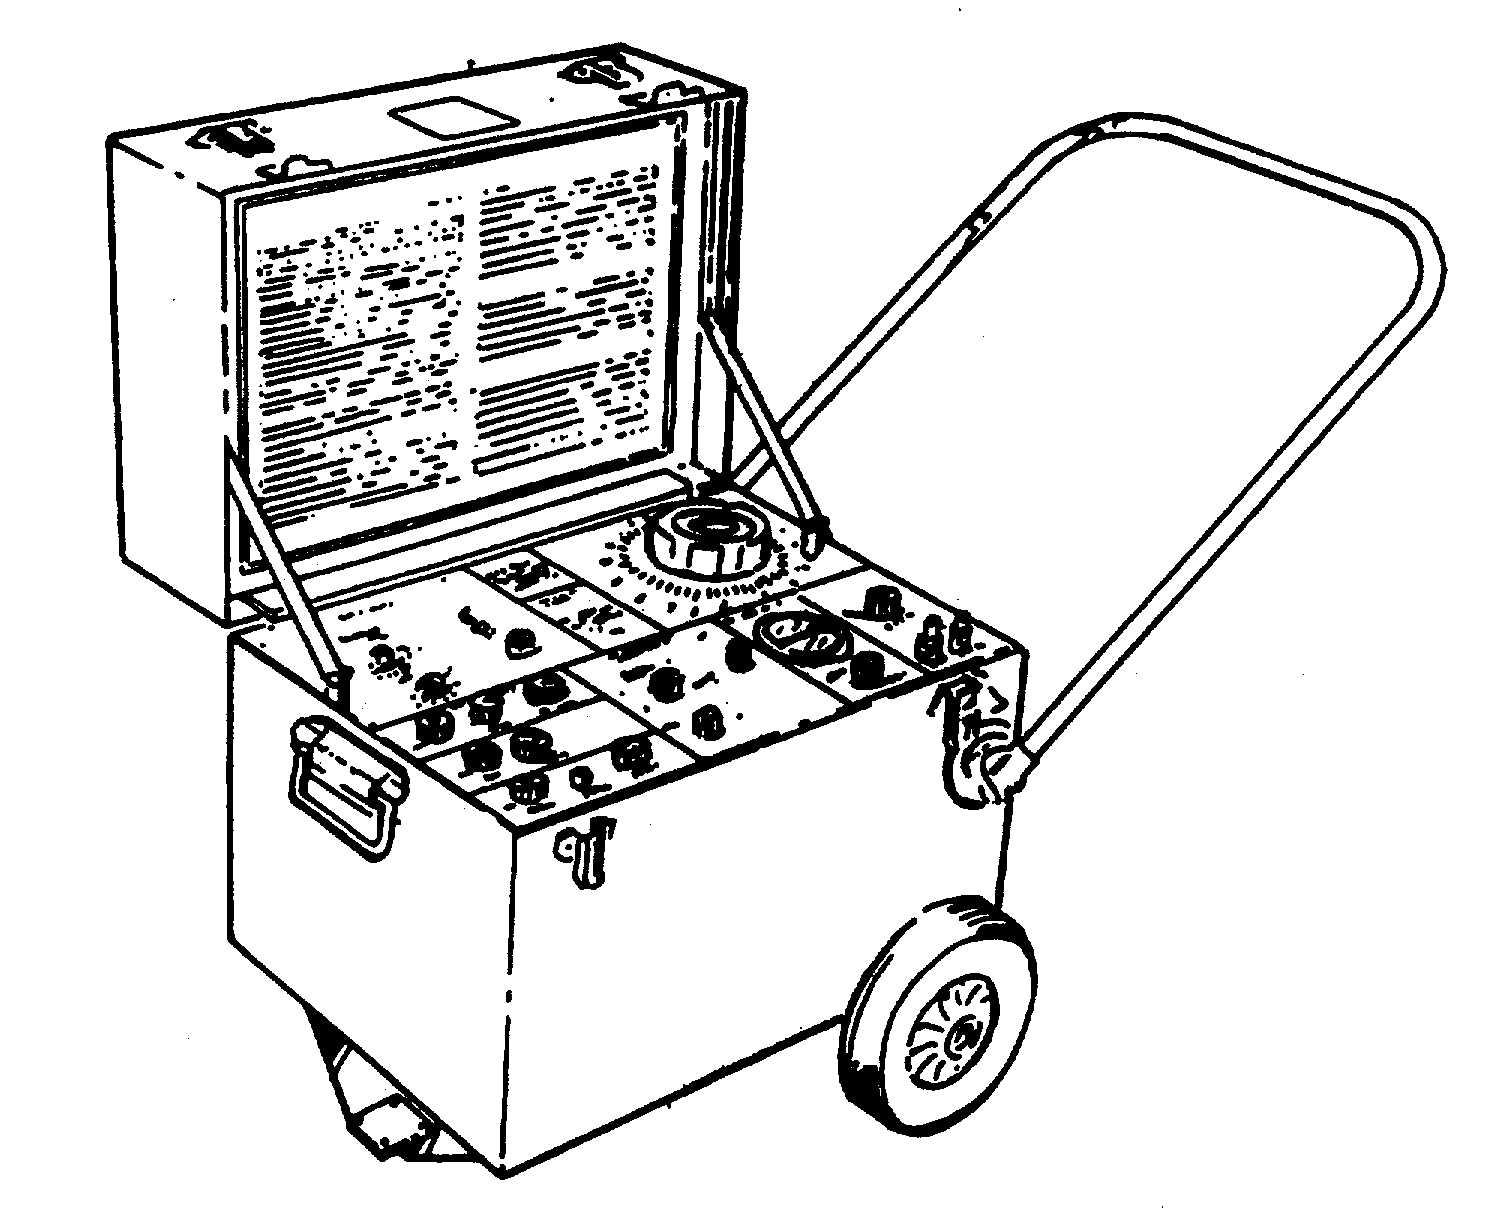 Figure 4-6. Jetcal Tester